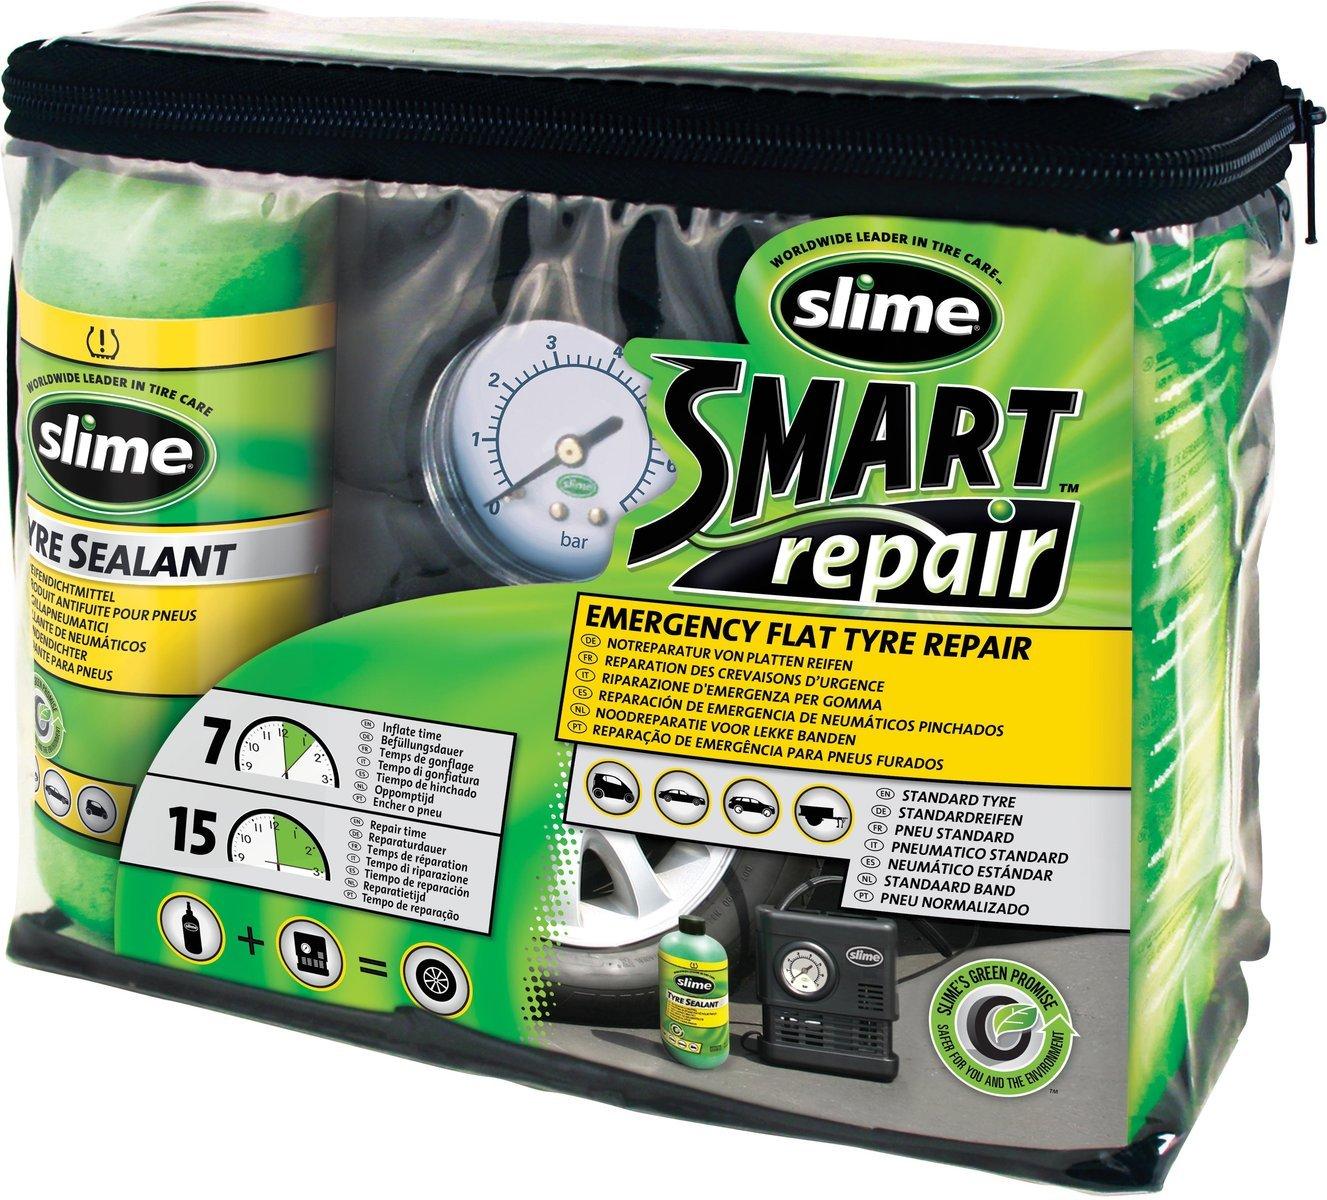 Slime 071628150028 Riparapneumatici ITW Global Brands 1800330 B00A18R3DI